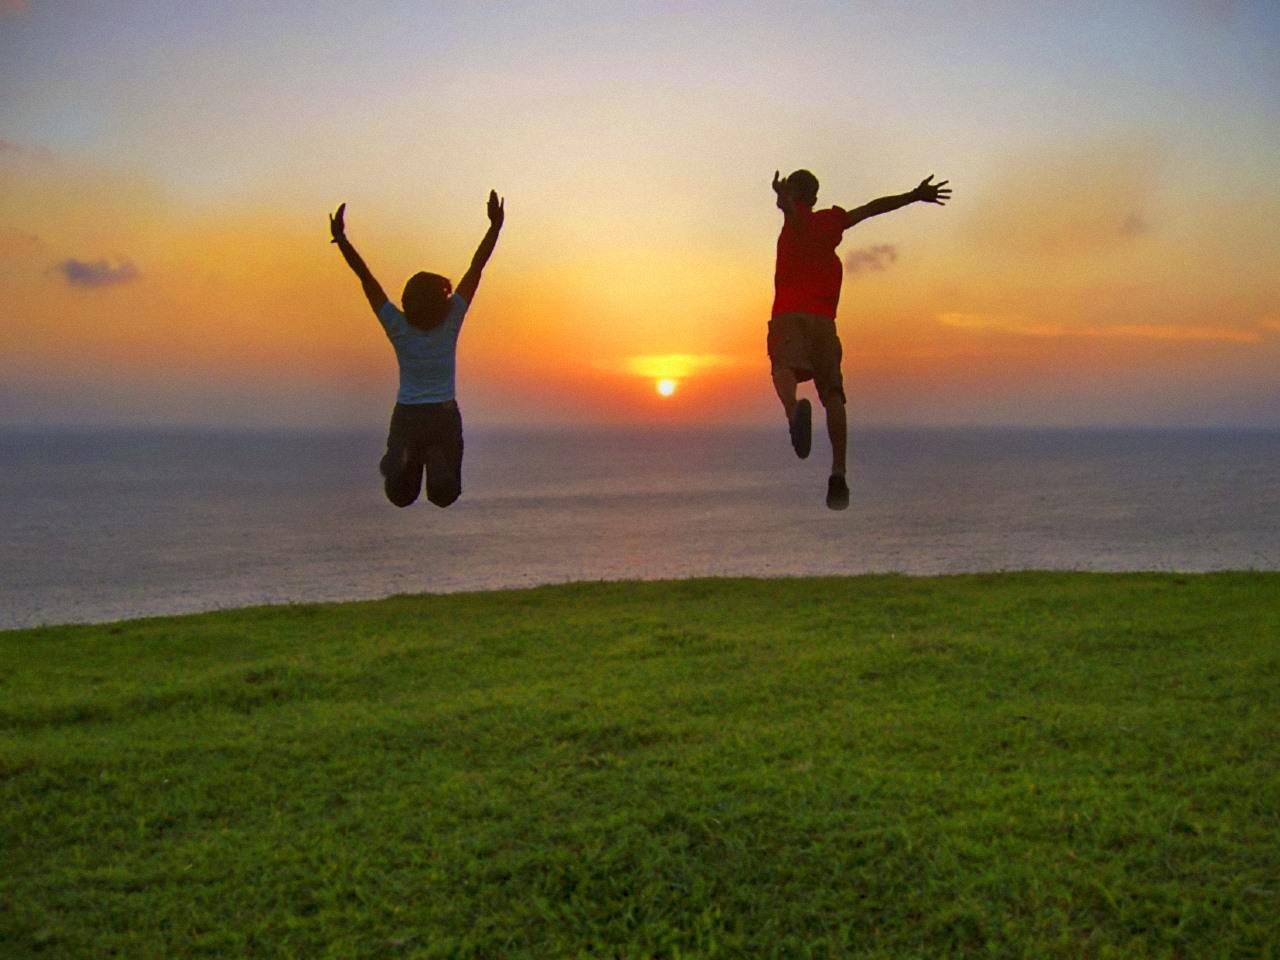 радость - эликсир жизни